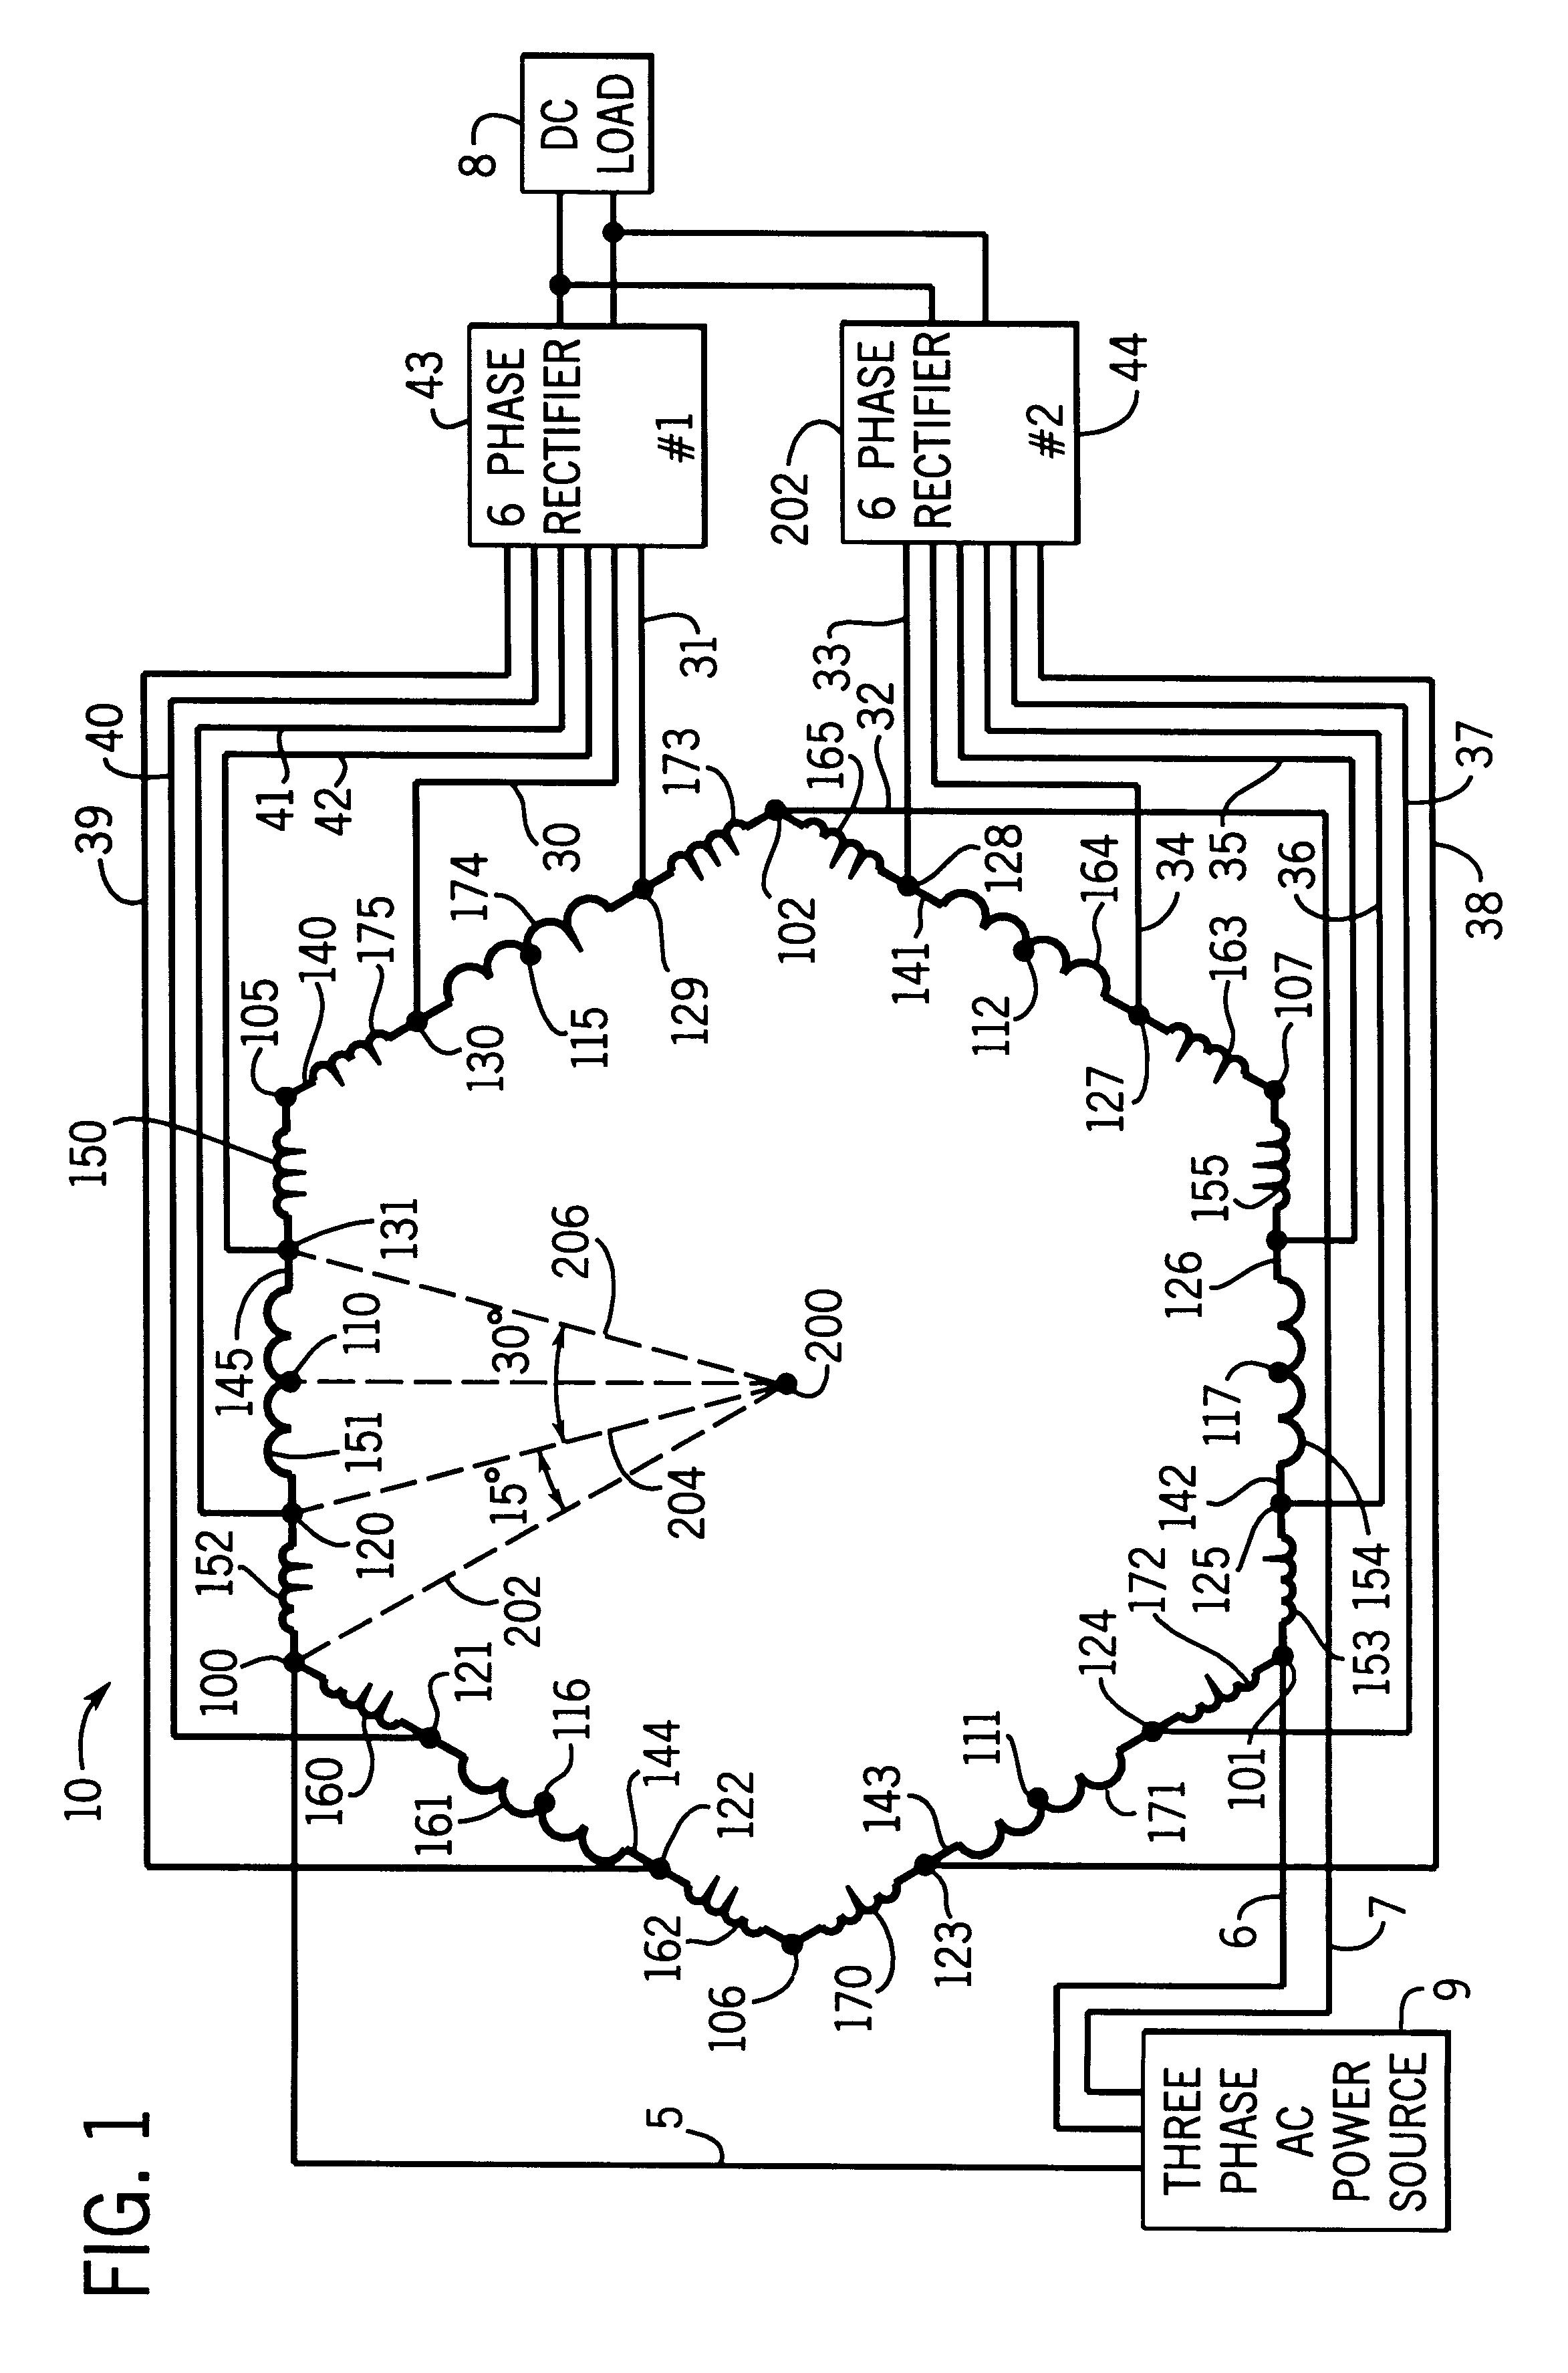 patent us6198647